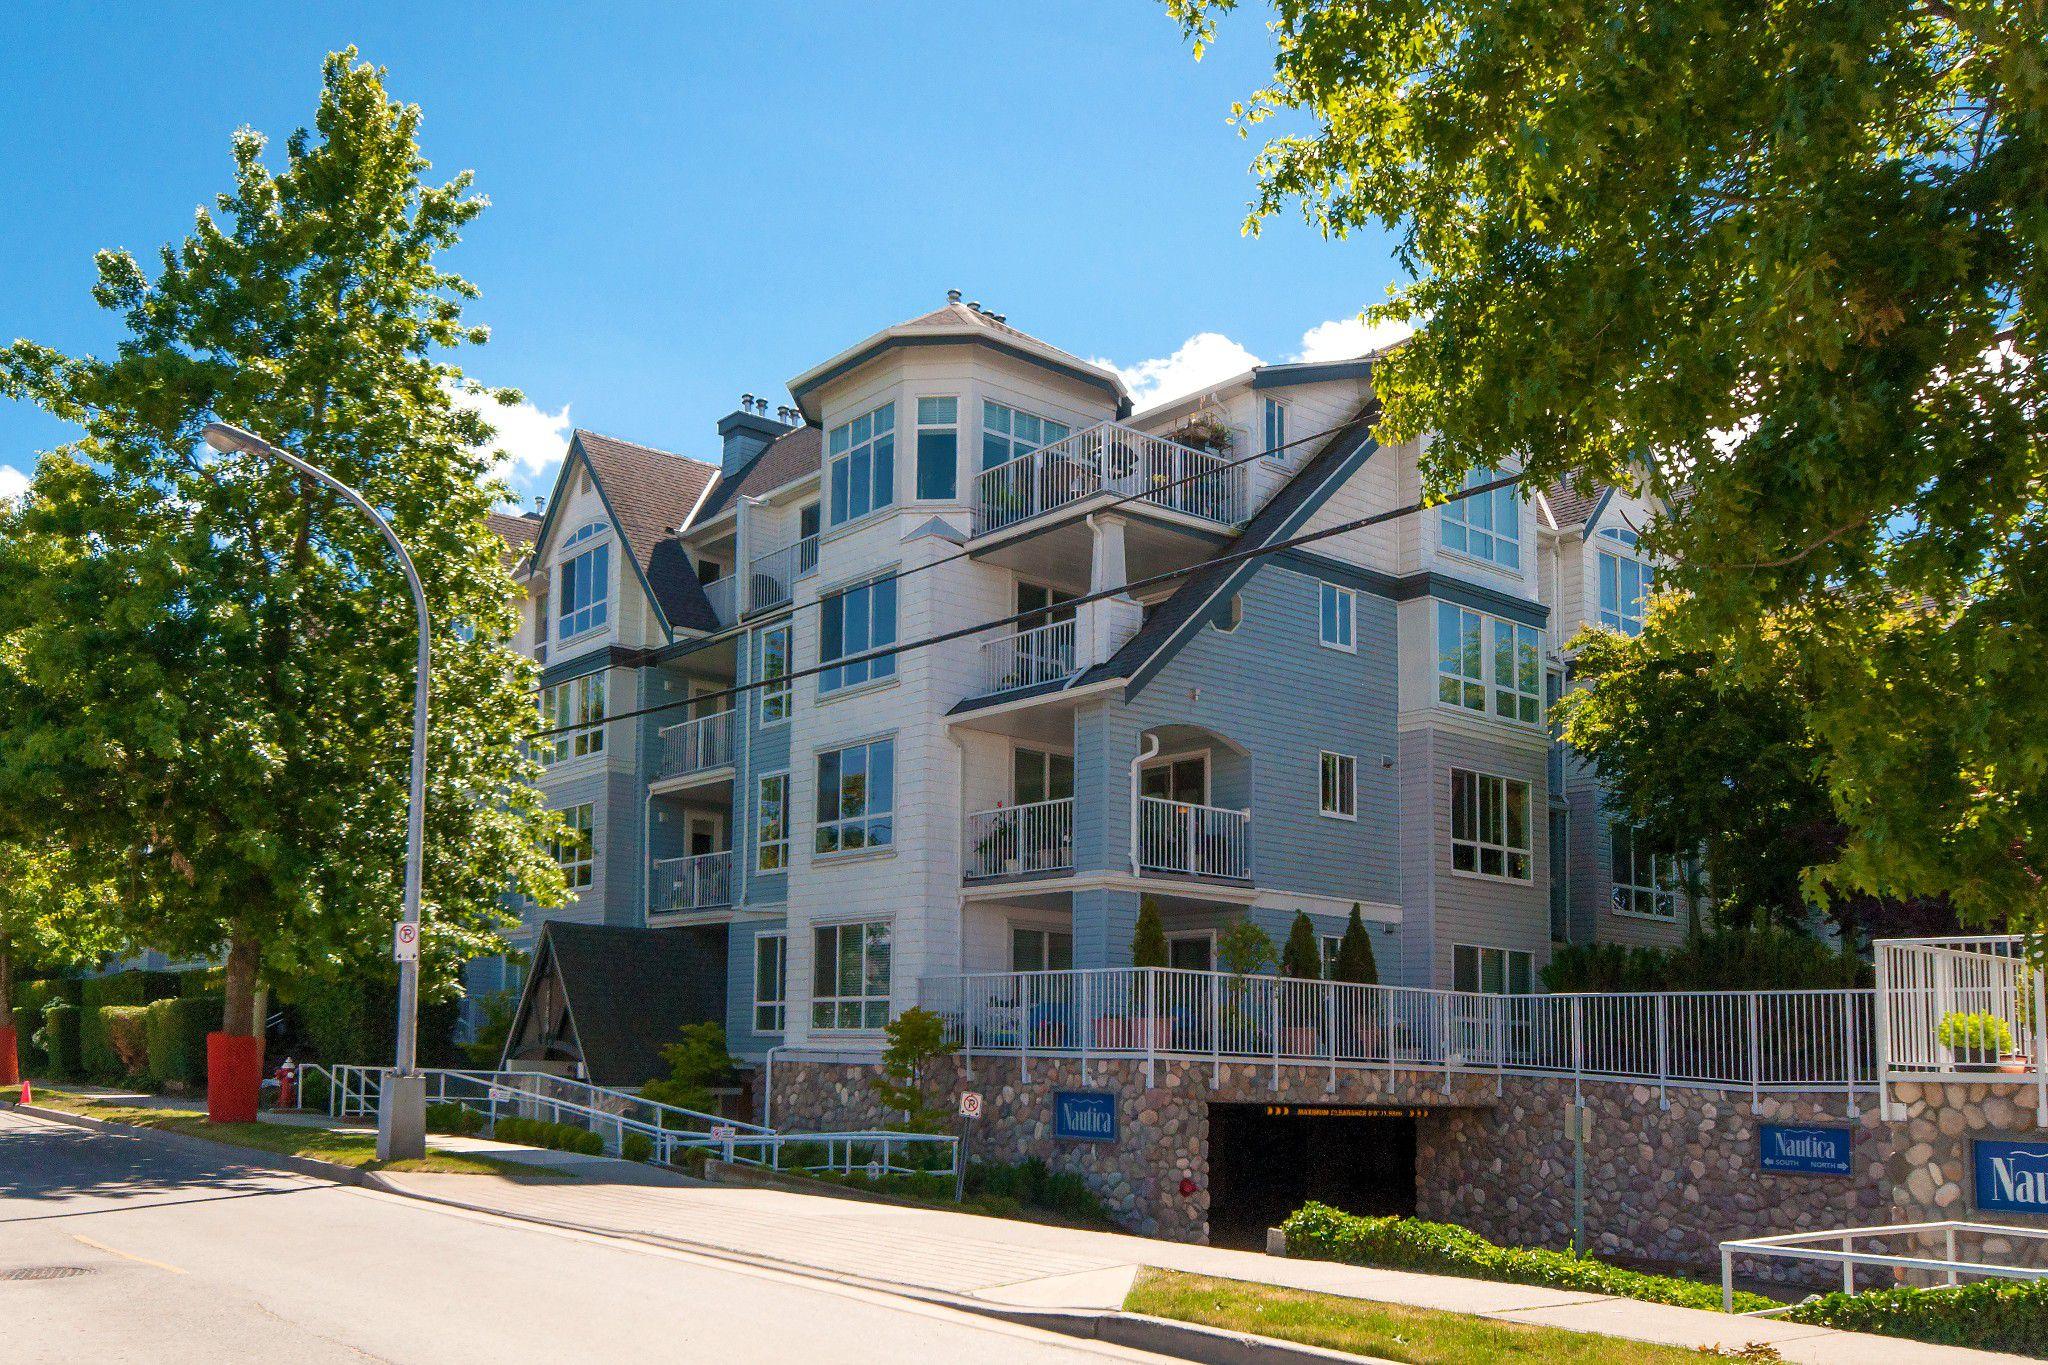 """Main Photo: 413 12639 NO 2 Road in Richmond: Steveston South Condo for sale in """"NAUTICA SOUTH"""" : MLS®# R2293328"""